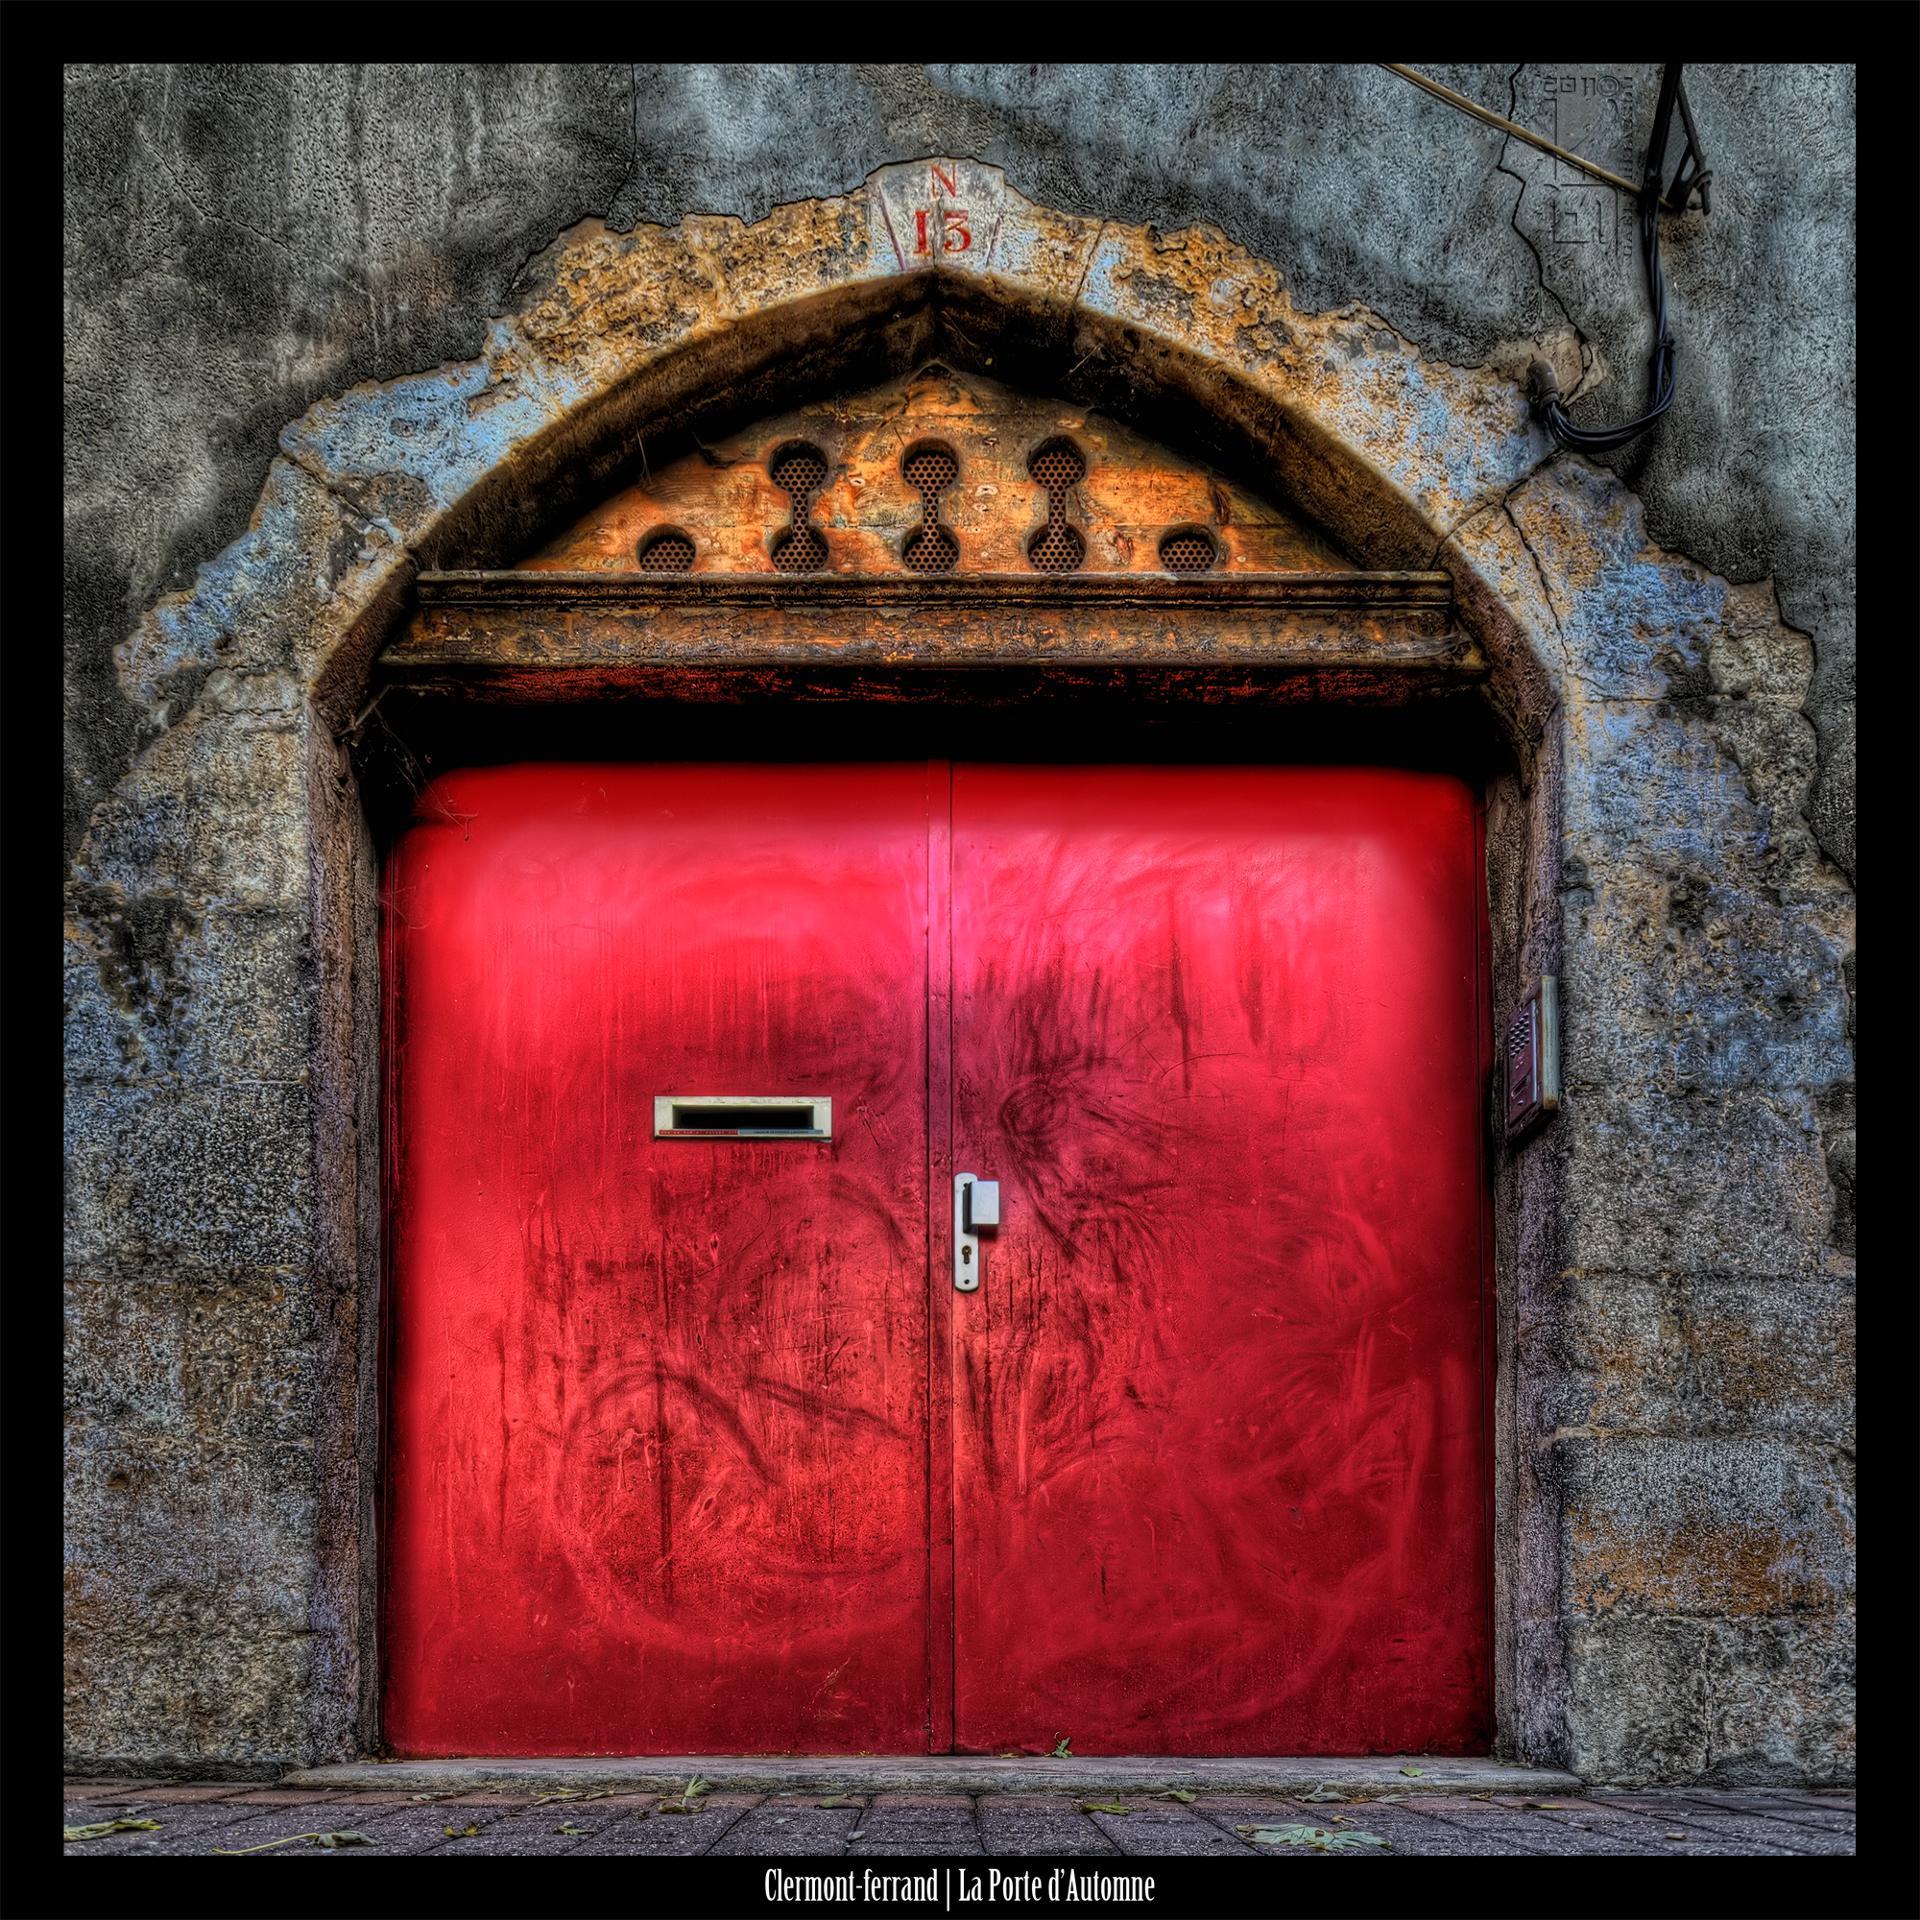 La porte d Automne